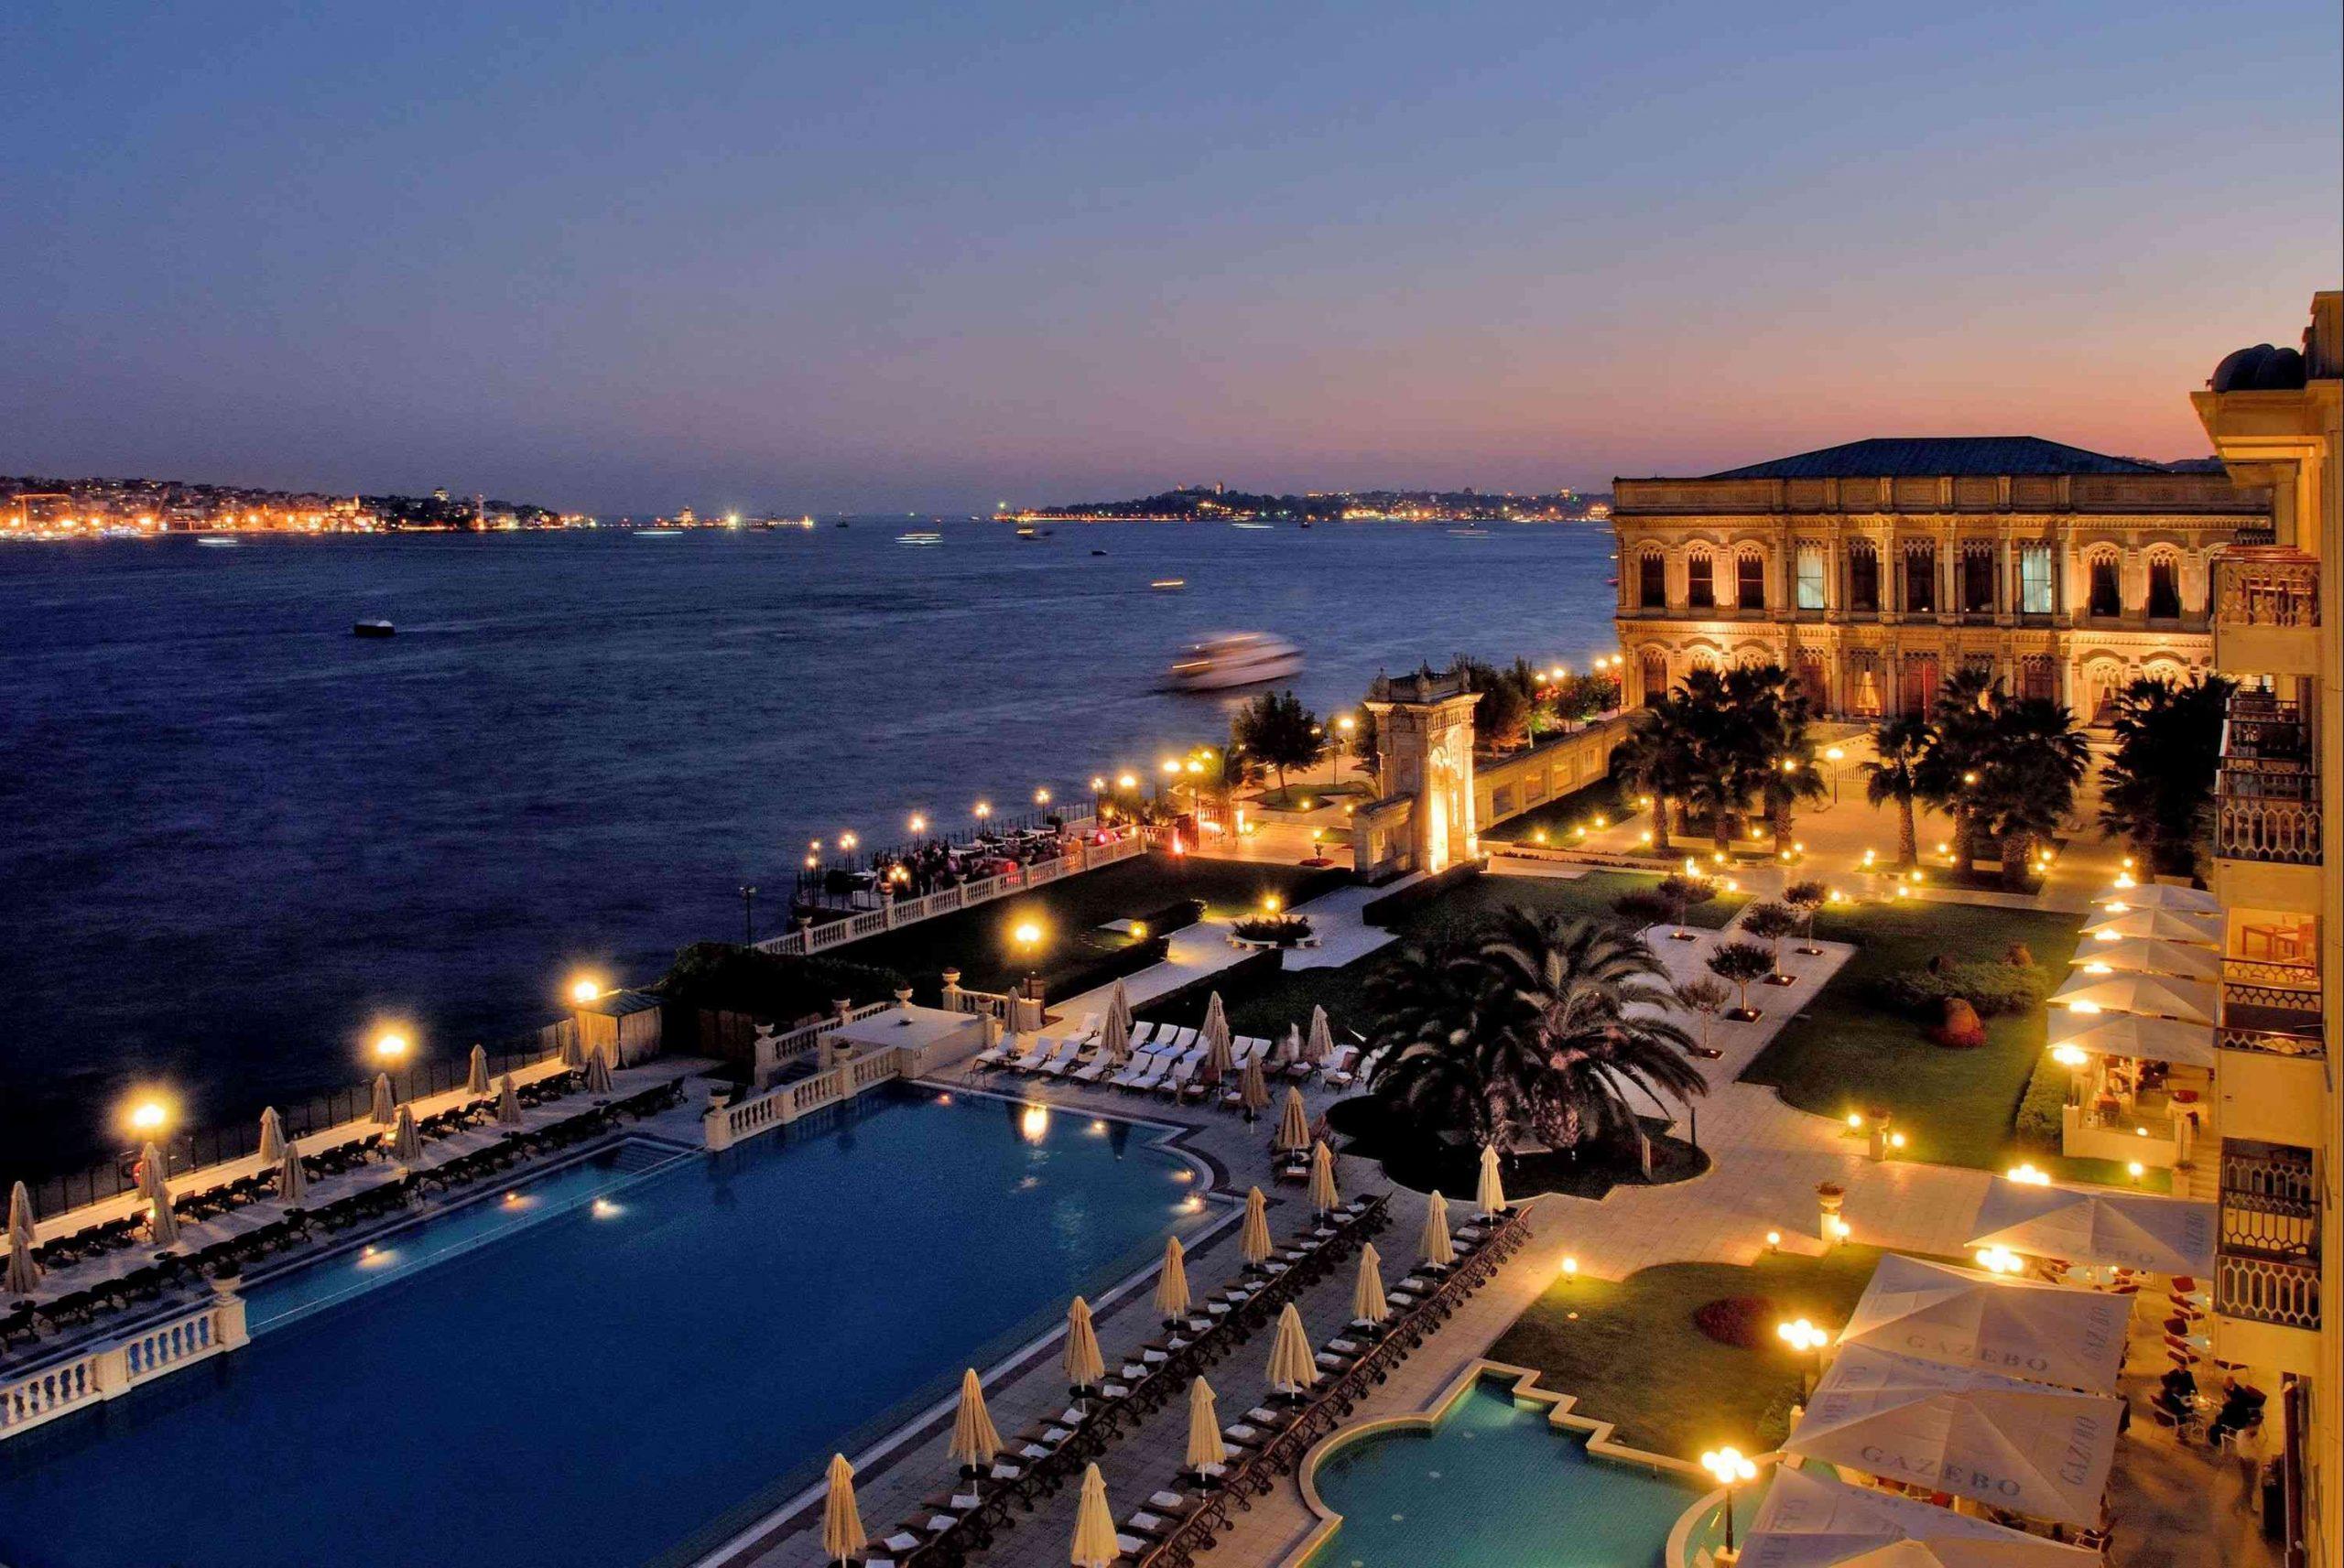 khách sạn 5 sao Ciragan tại Istanbul nằm trong cung điện Ottoman thế kỷ 19